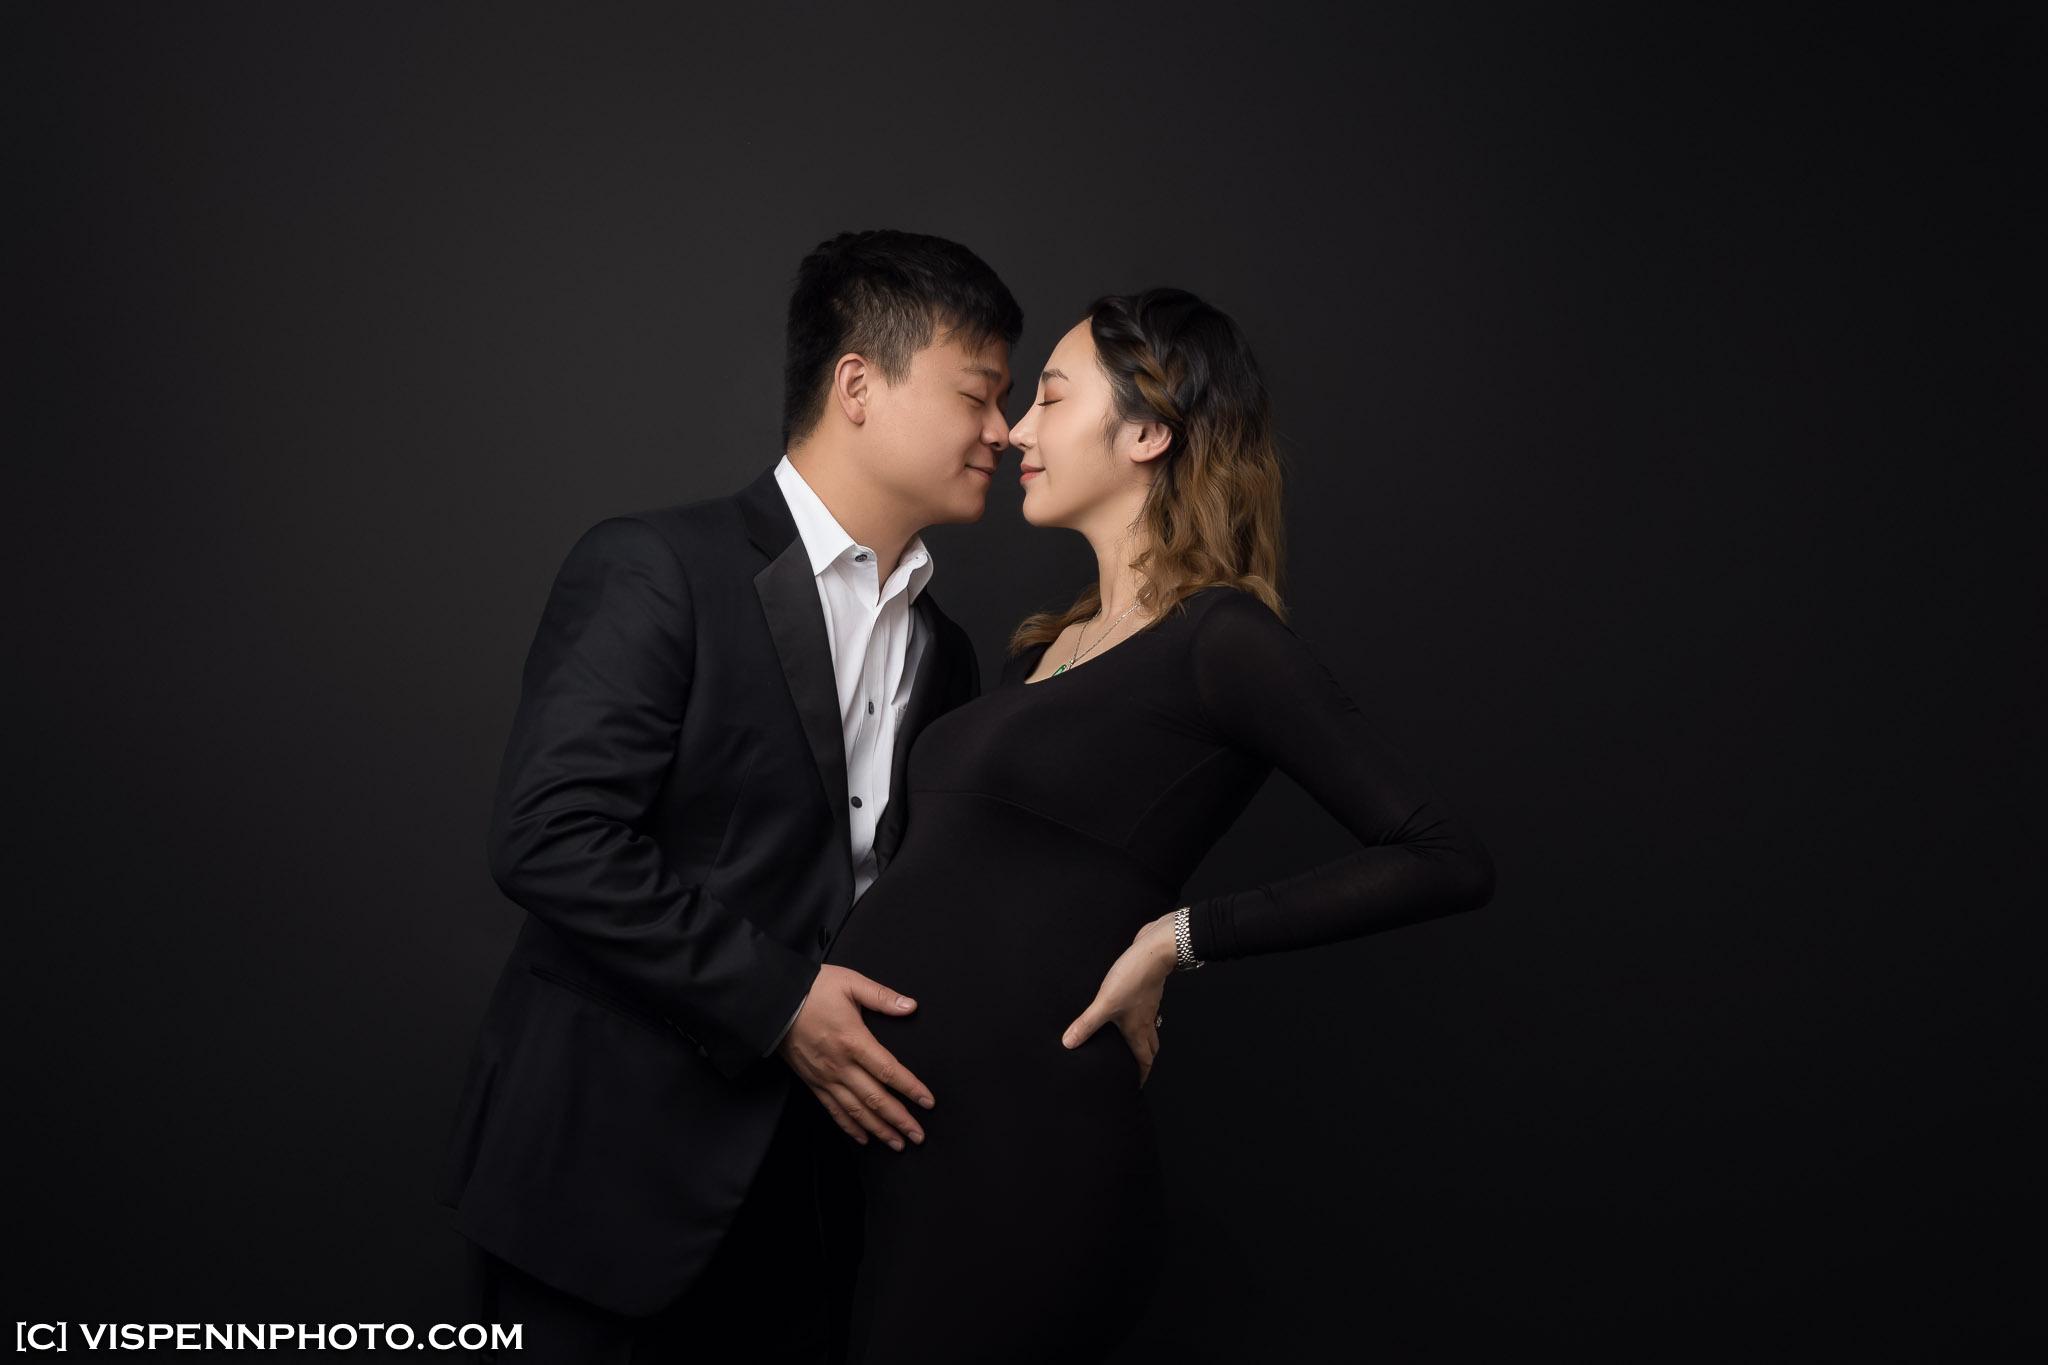 Melbourne Newborn Baby Maternity Family Photo VISPENN 墨尔本 孕妇照 大肚照 Moira 1356 VISPENN